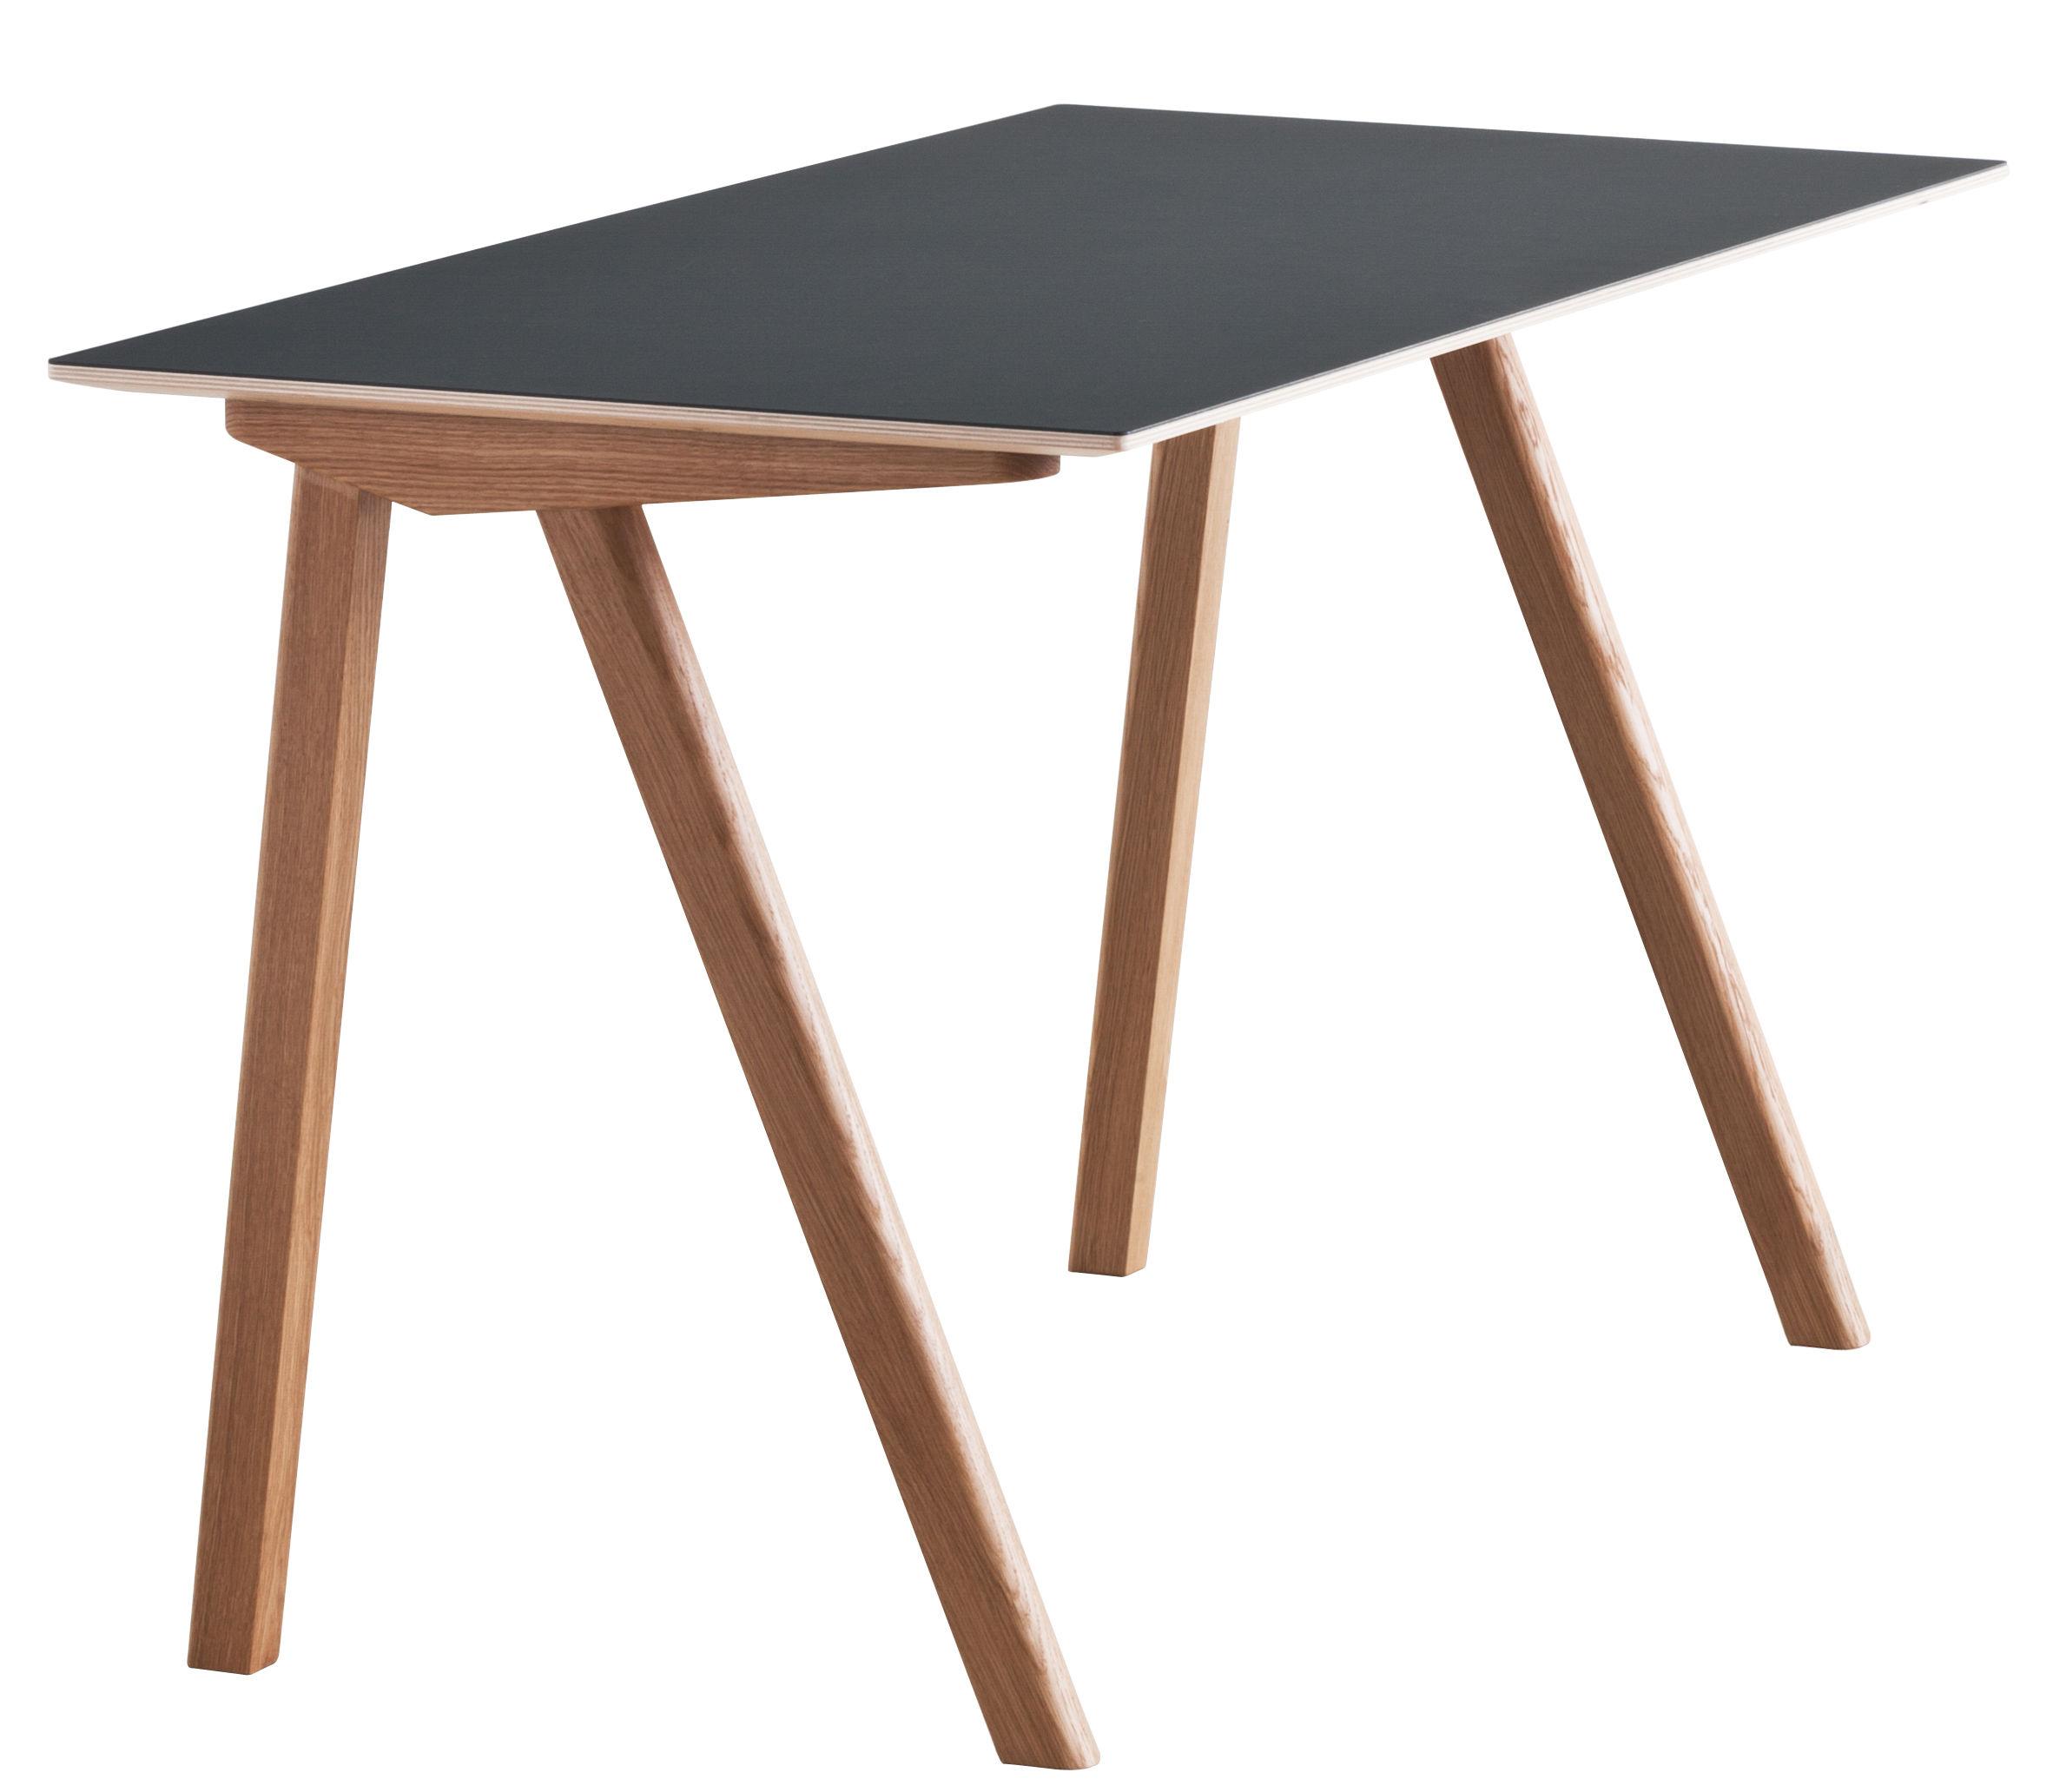 bureau copenhague n 90 l 130 cm vert fonc pied ch ne hay. Black Bedroom Furniture Sets. Home Design Ideas